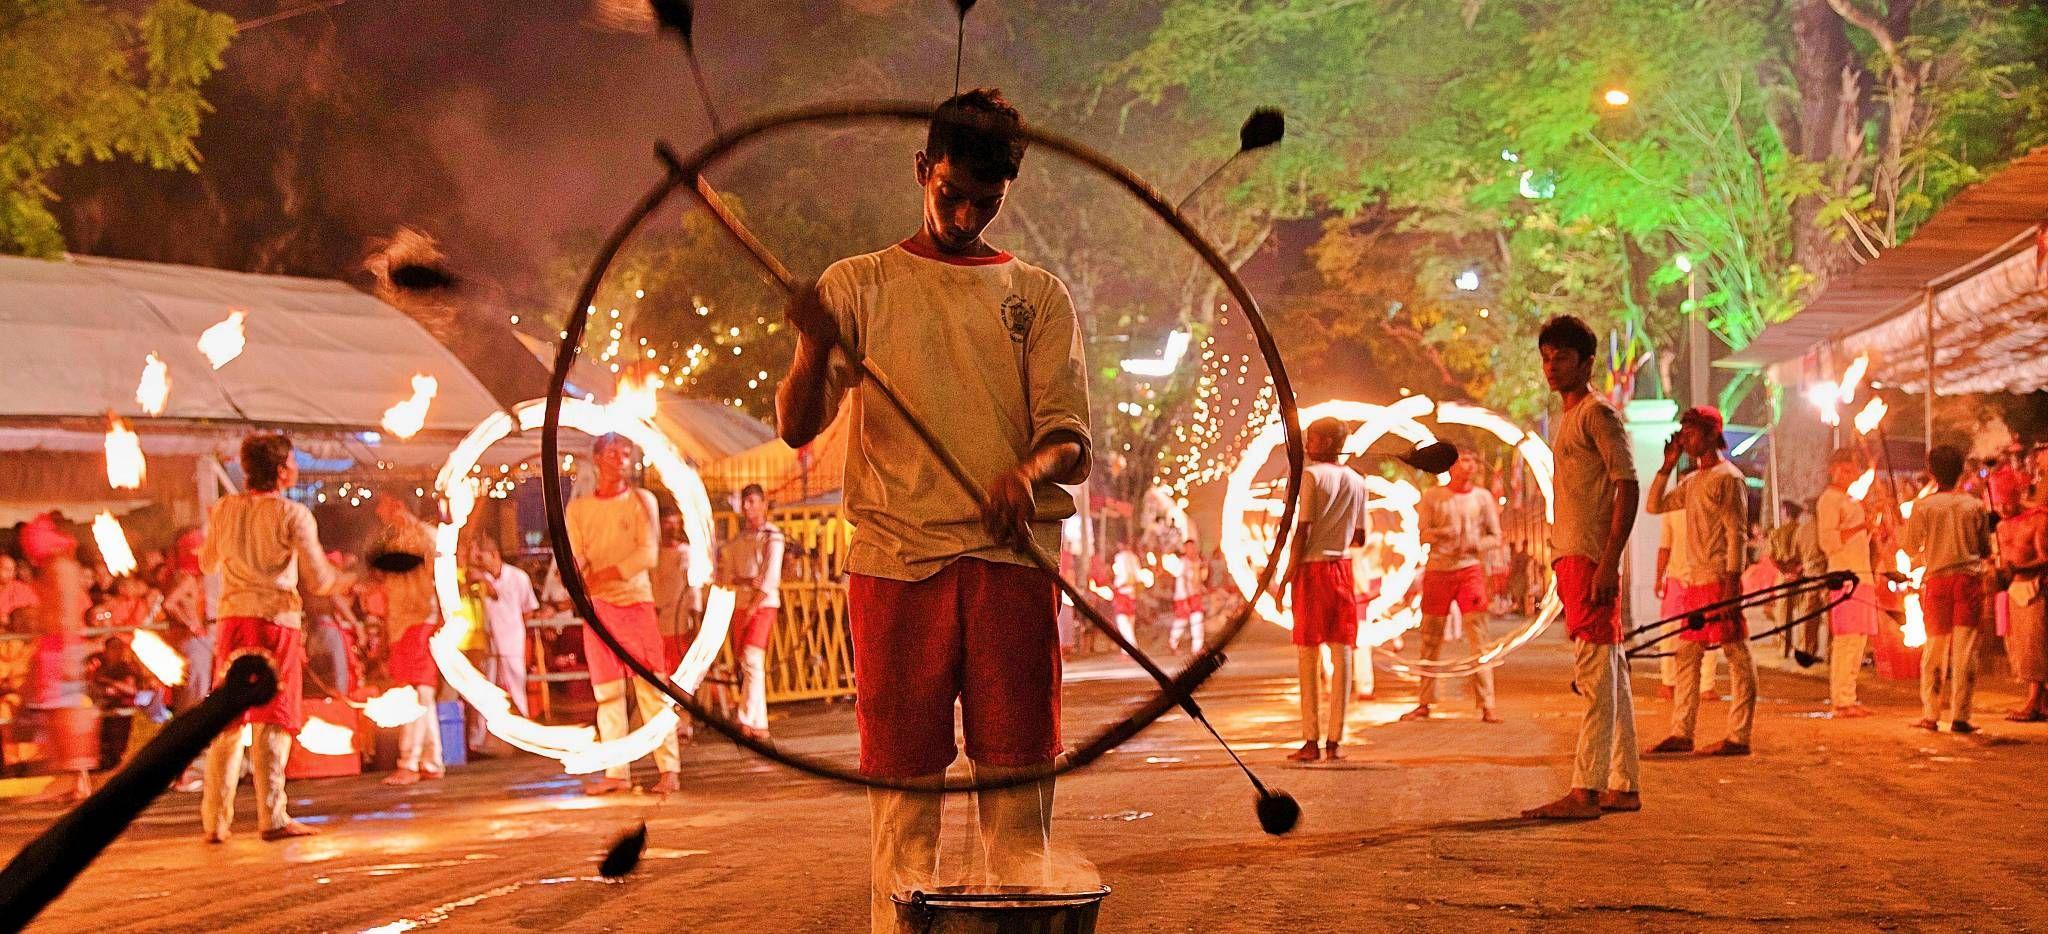 Junge Männer üben mit Feuerrädern auf Sri Lanka